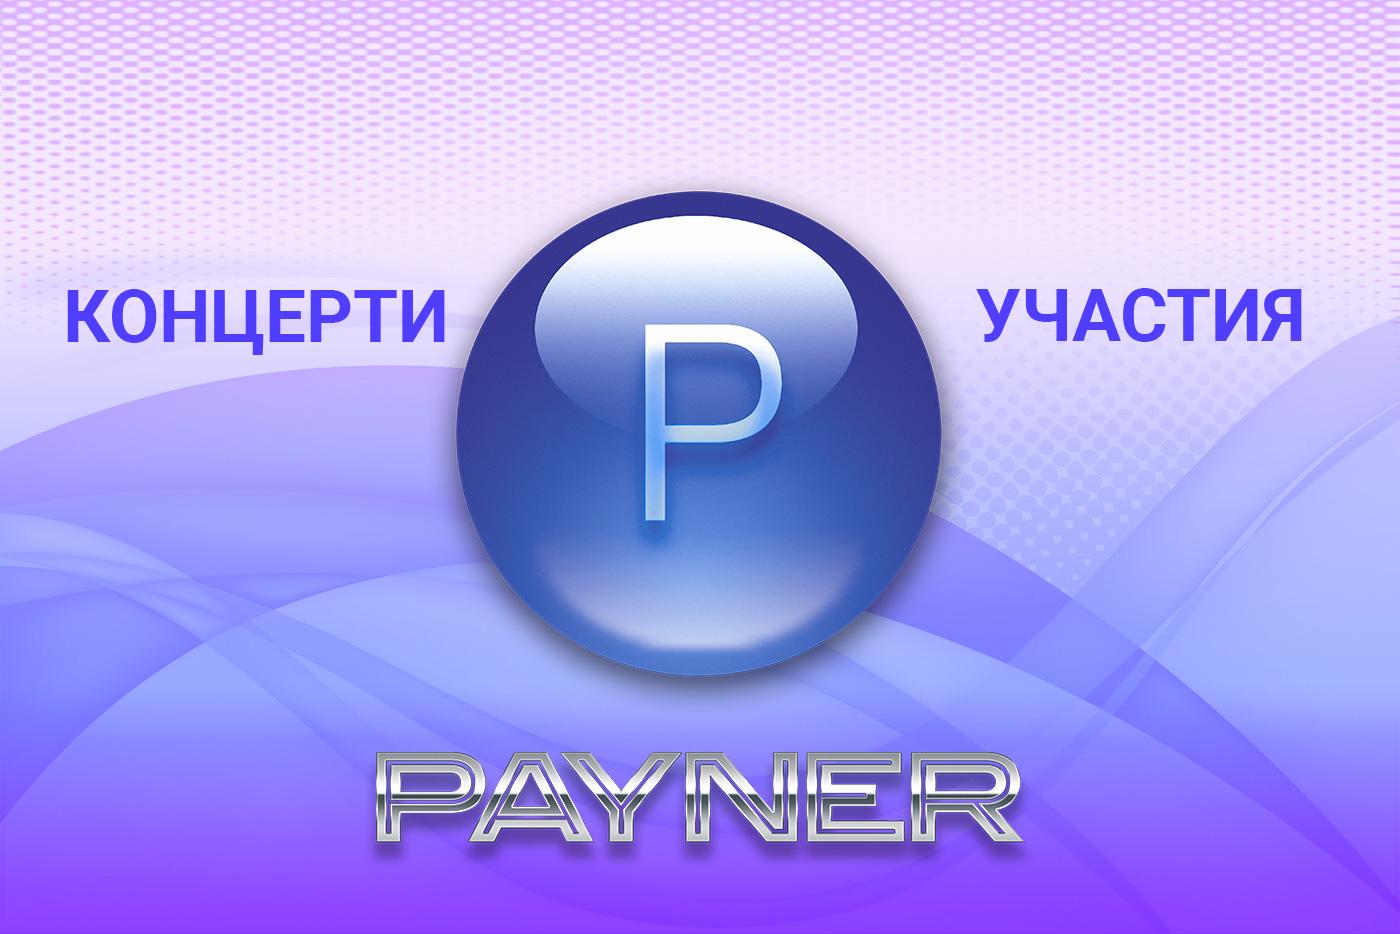 """Участия на звездите на """"Пайнер"""" на 15.05.2019"""